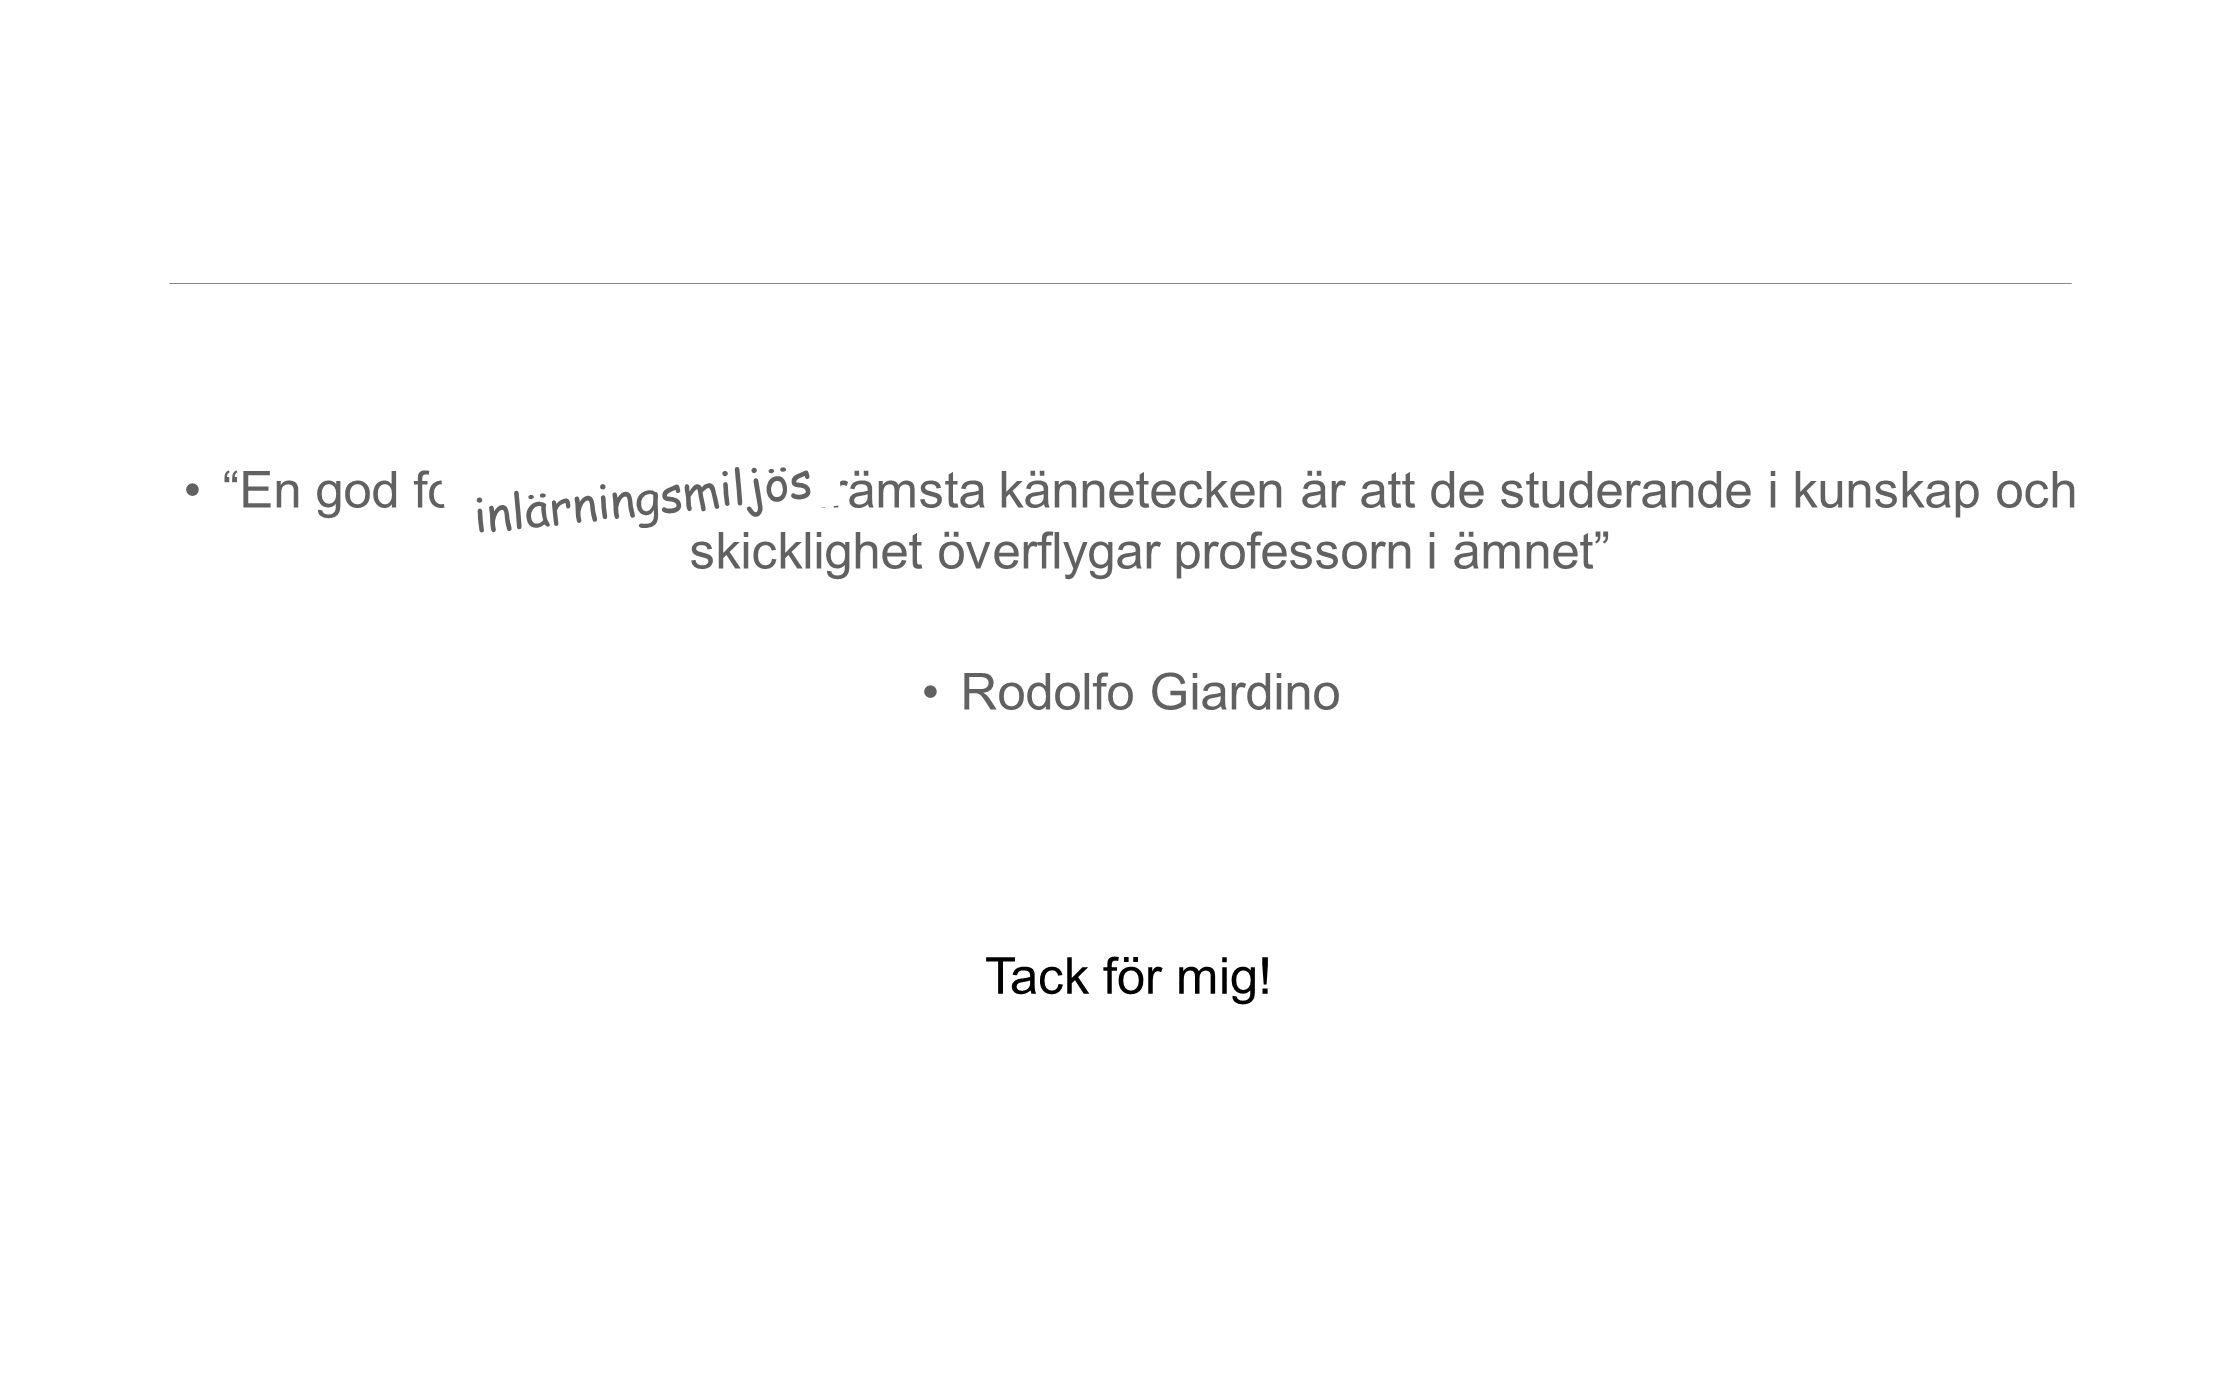 """•""""En god forskningsmiljös främsta kännetecken är att de studerande i kunskap och skicklighet överflygar professorn i ämnet"""" •Rodolfo Giardino inlärnin"""